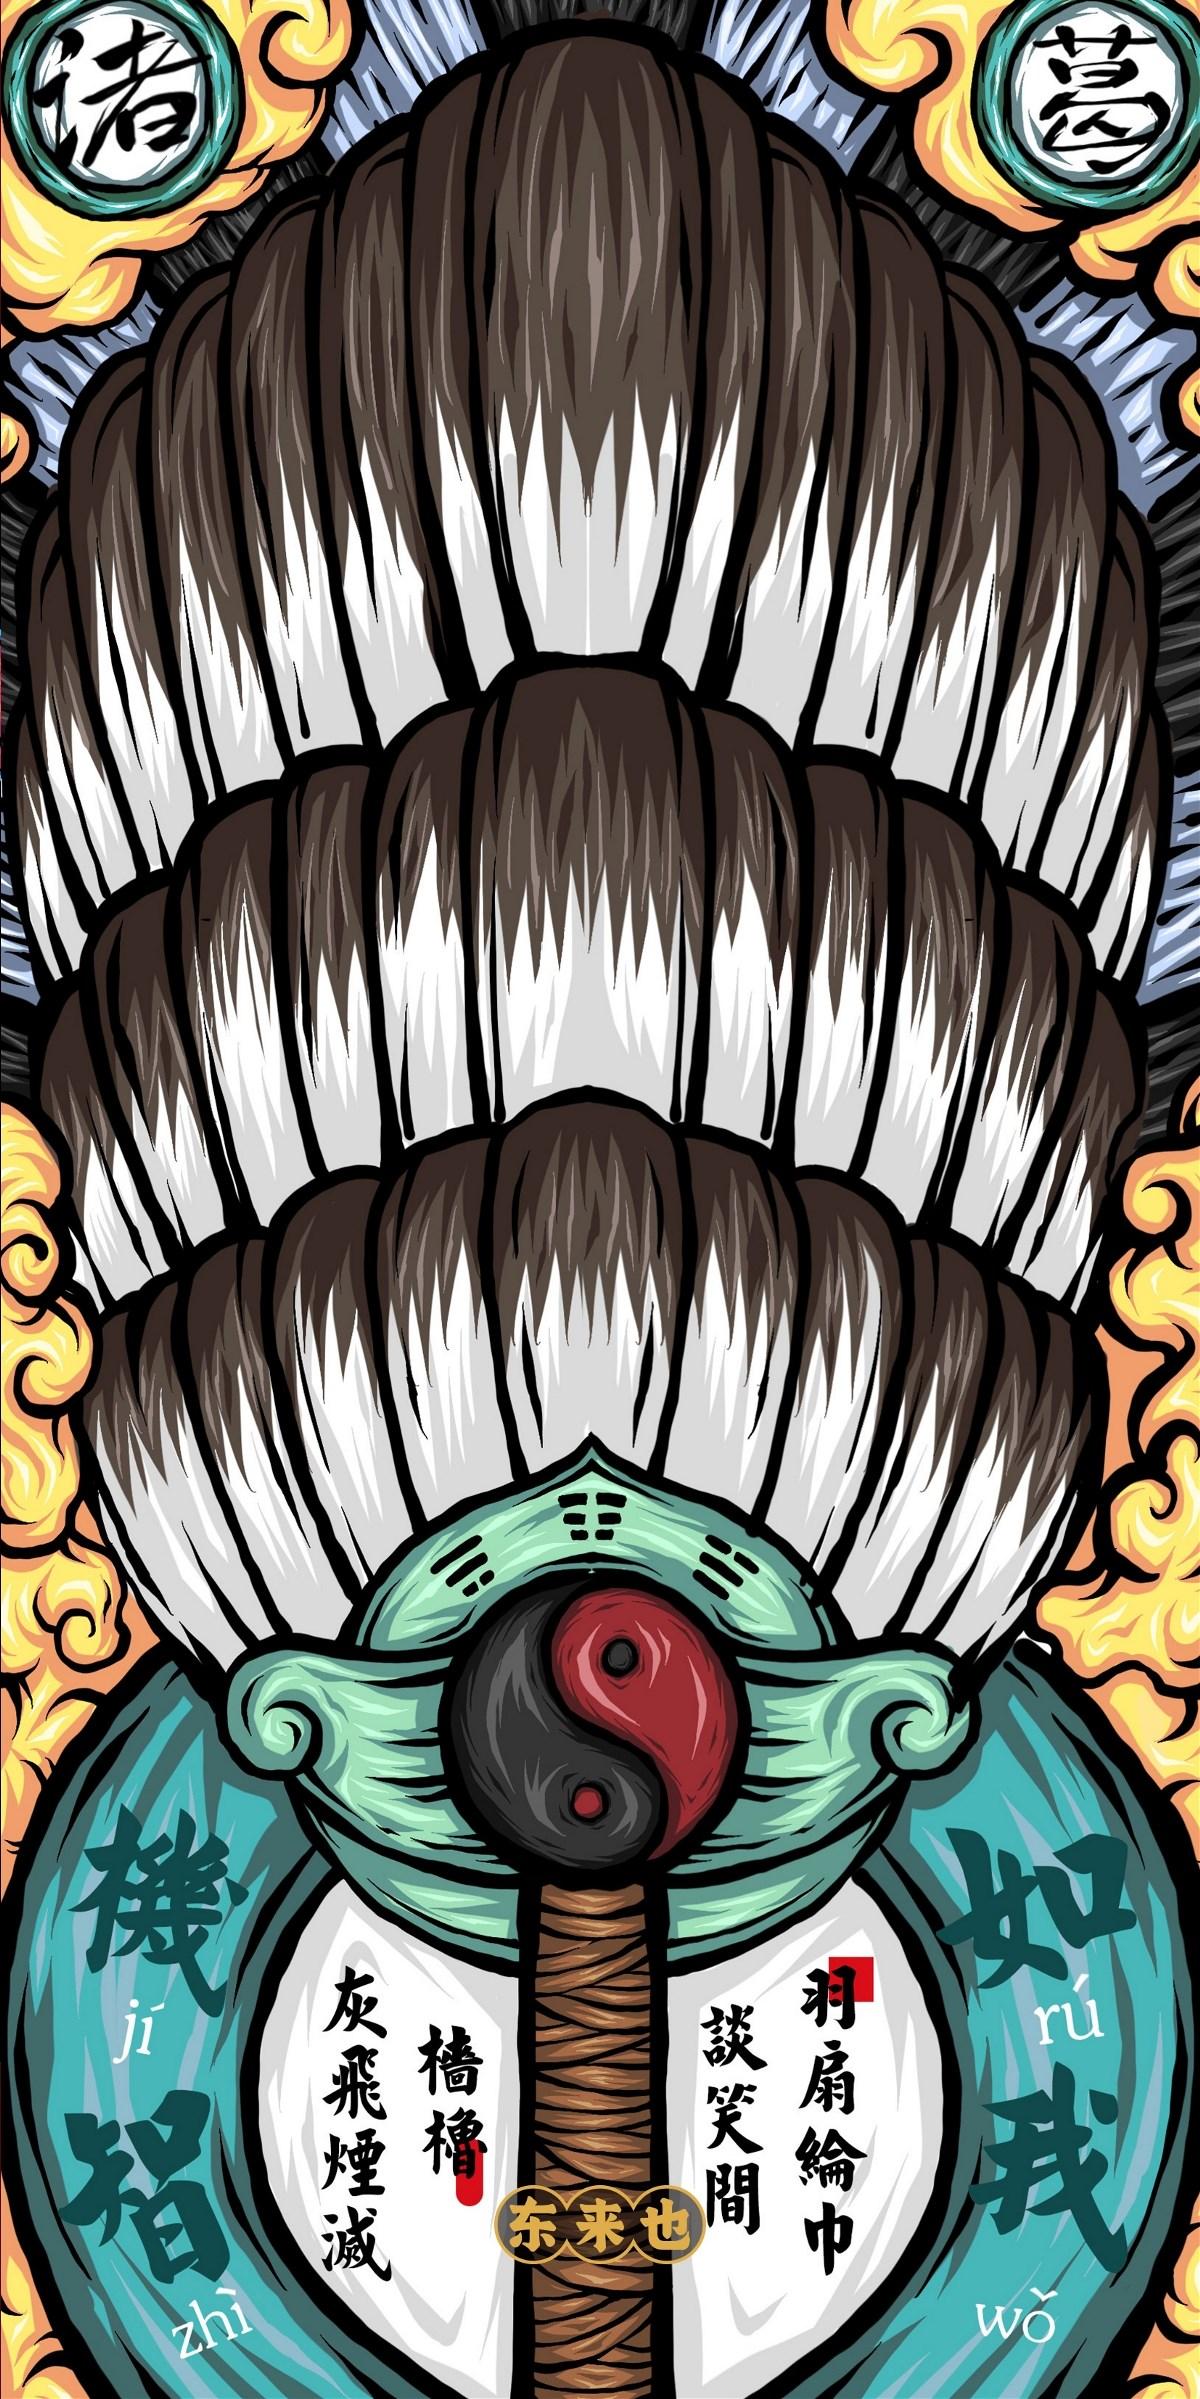 东来也原创插画设计-两仪八卦扇